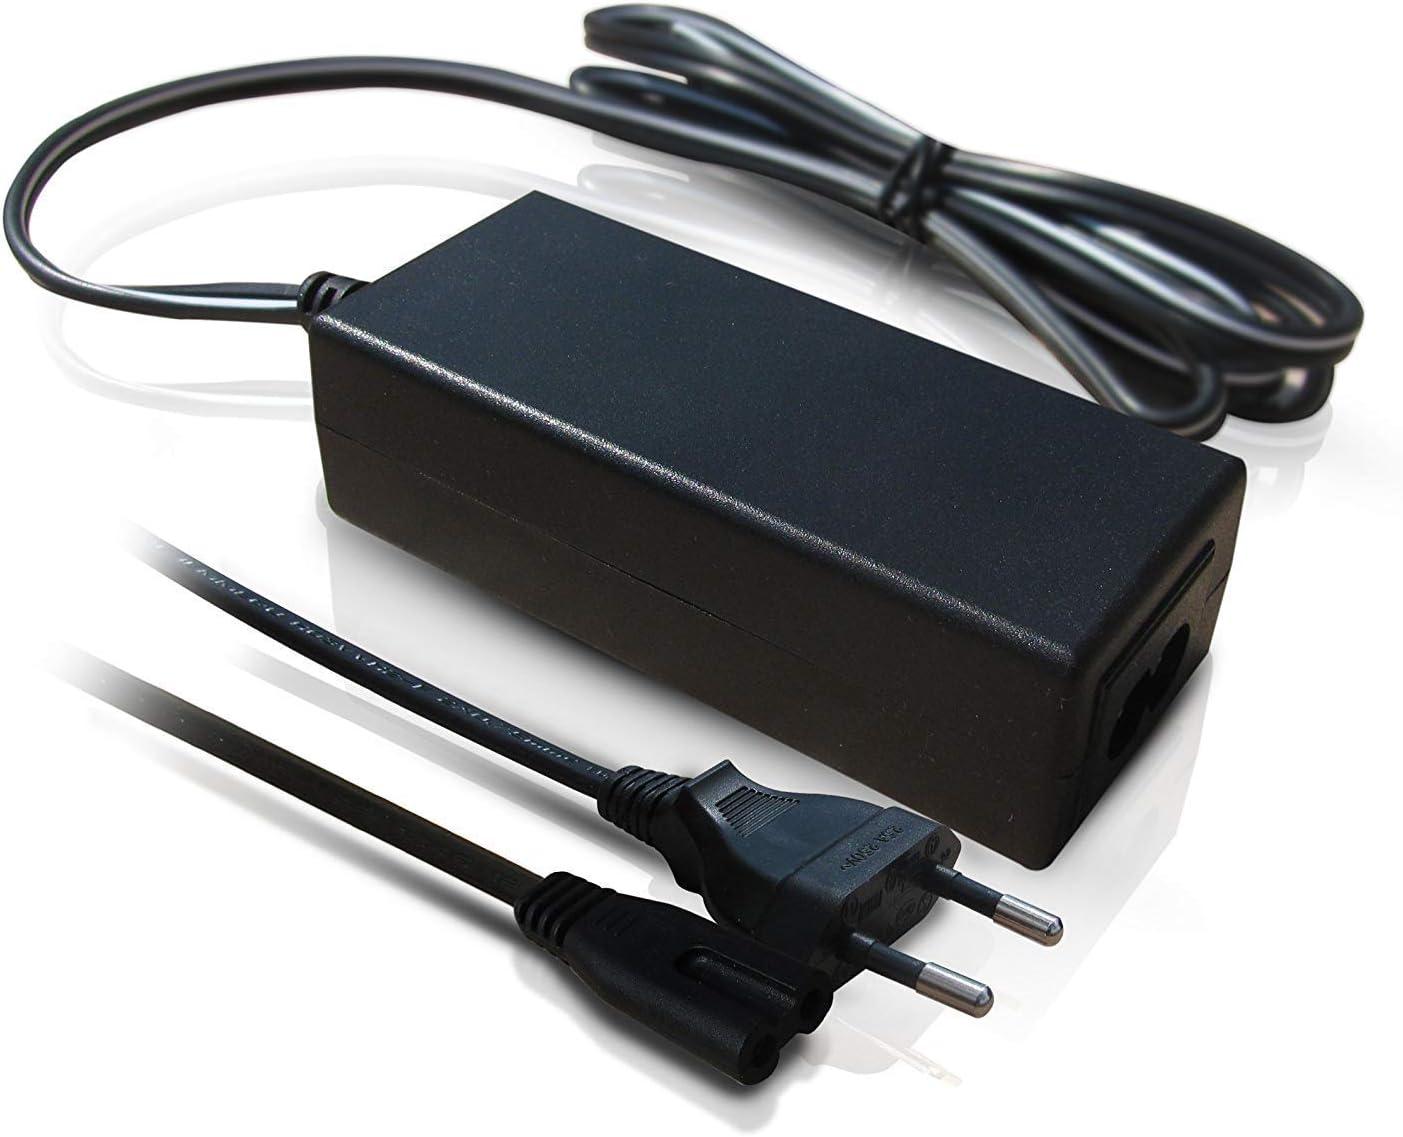 Reemplazo del Cable de DC 19V Adaptador Fuente de alimentación de ...